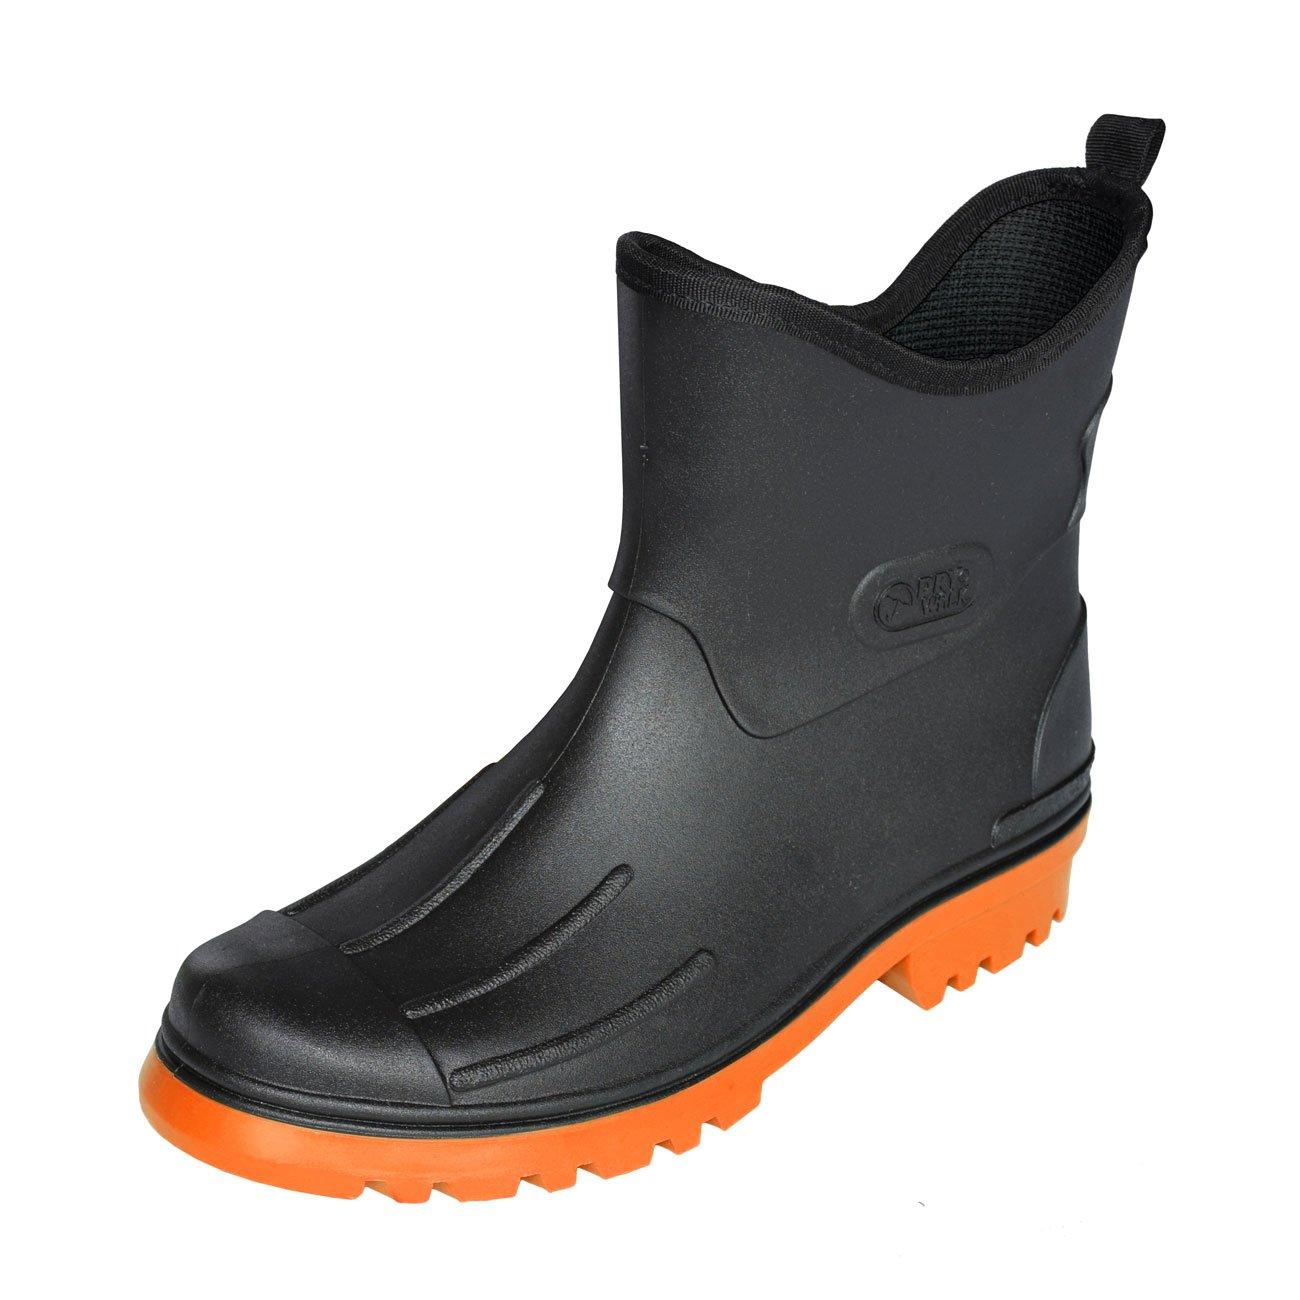 Bockstiegel Hombre Joven Peter PVC – Botas de Goma Negro con Farbiger Suela product image